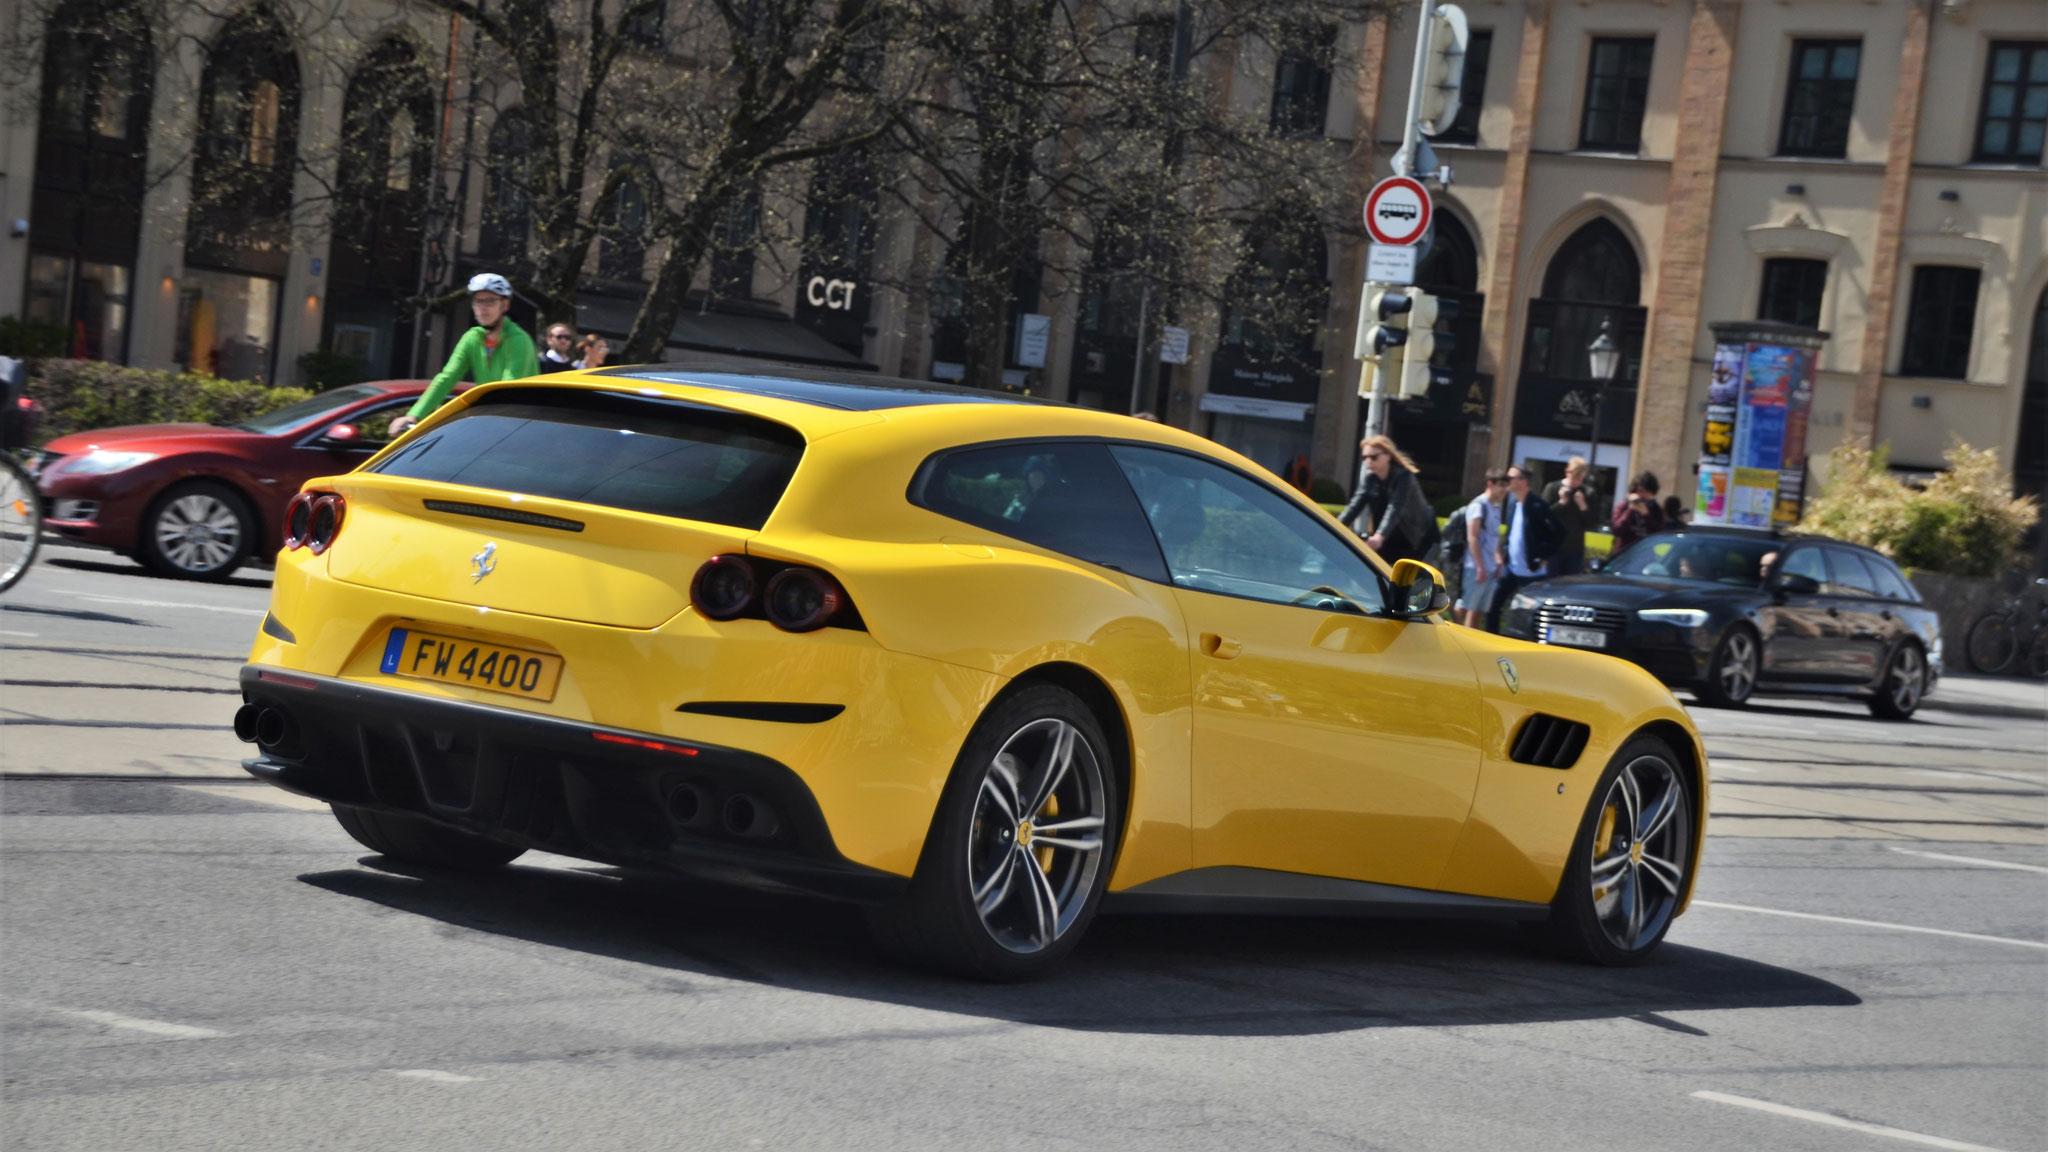 Ferrari GTC4 Lusso - FW-4400 (LUX)